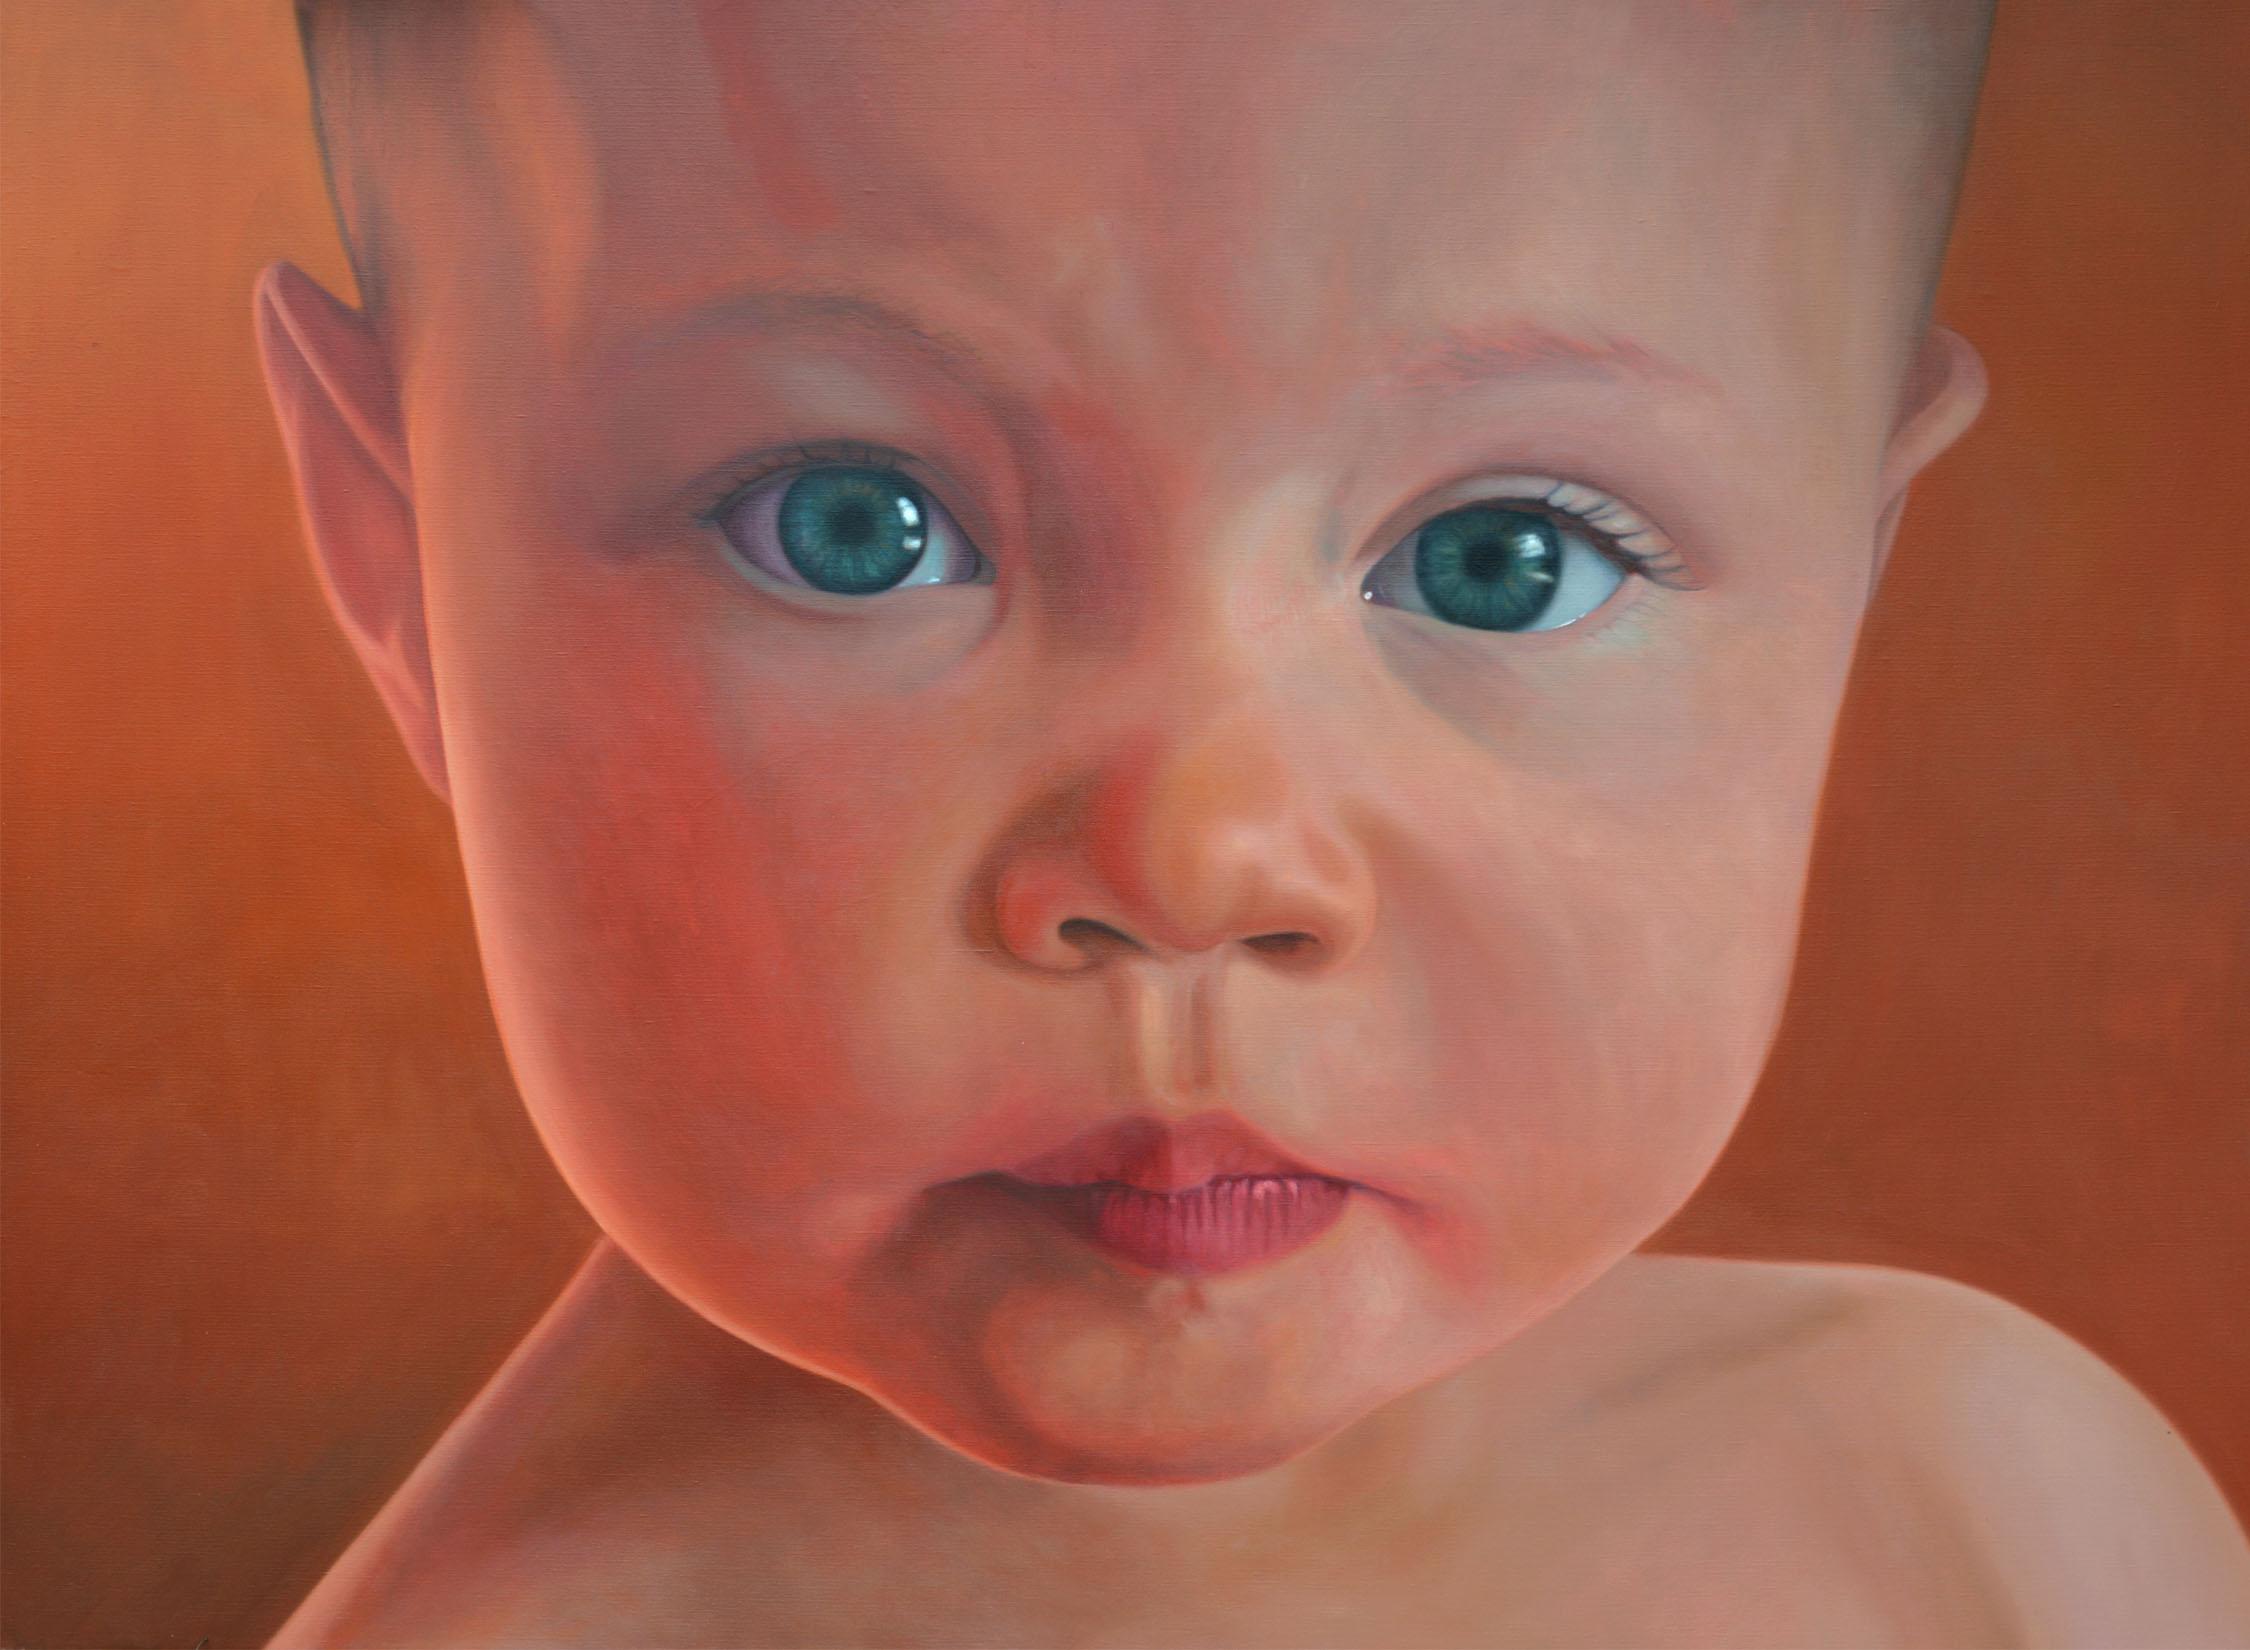 Leila portrait - 18 months